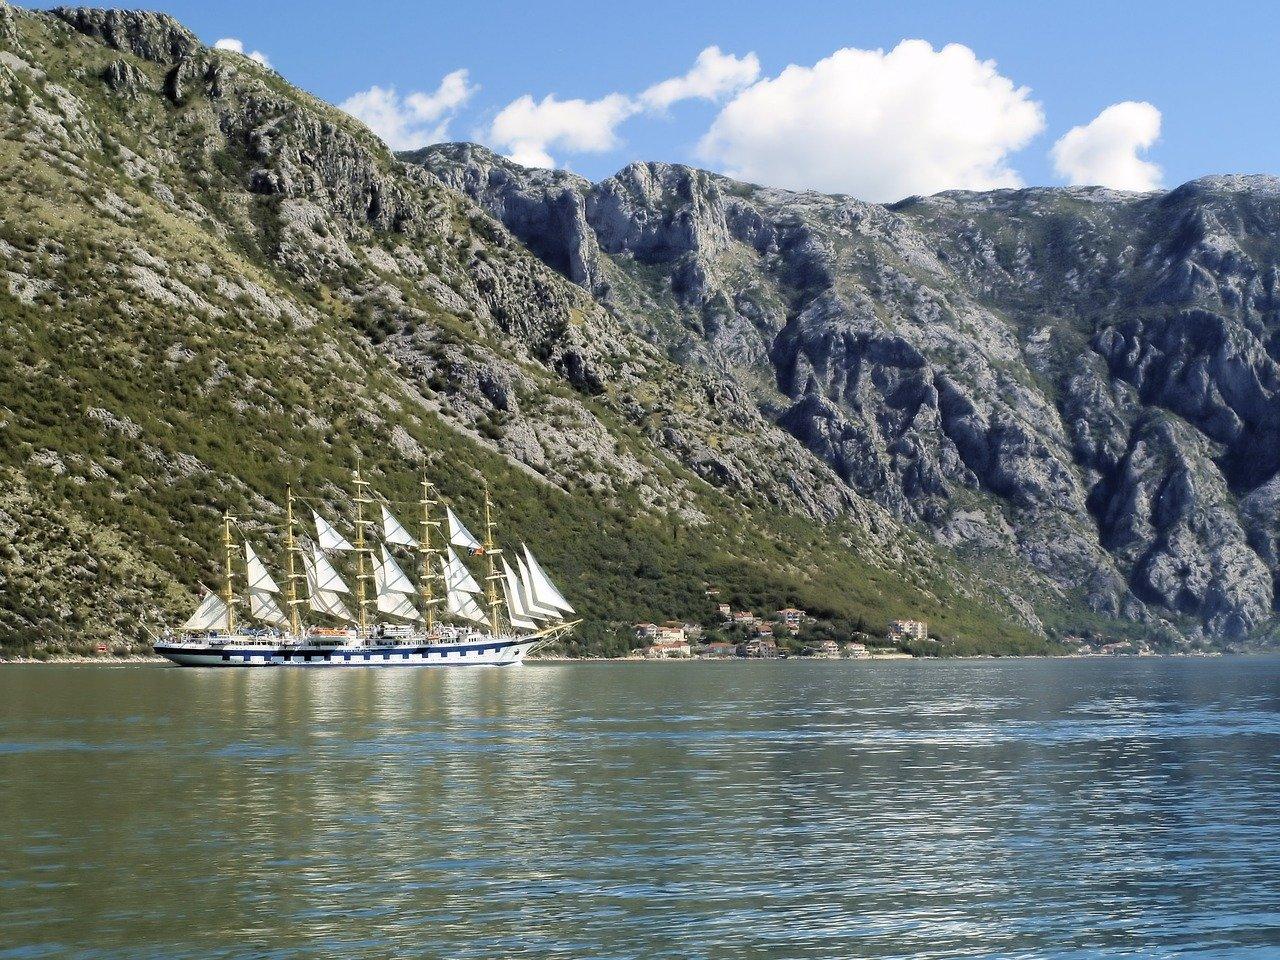 Rejsy w Zatoce Kotorskiej są bardzo popularne.